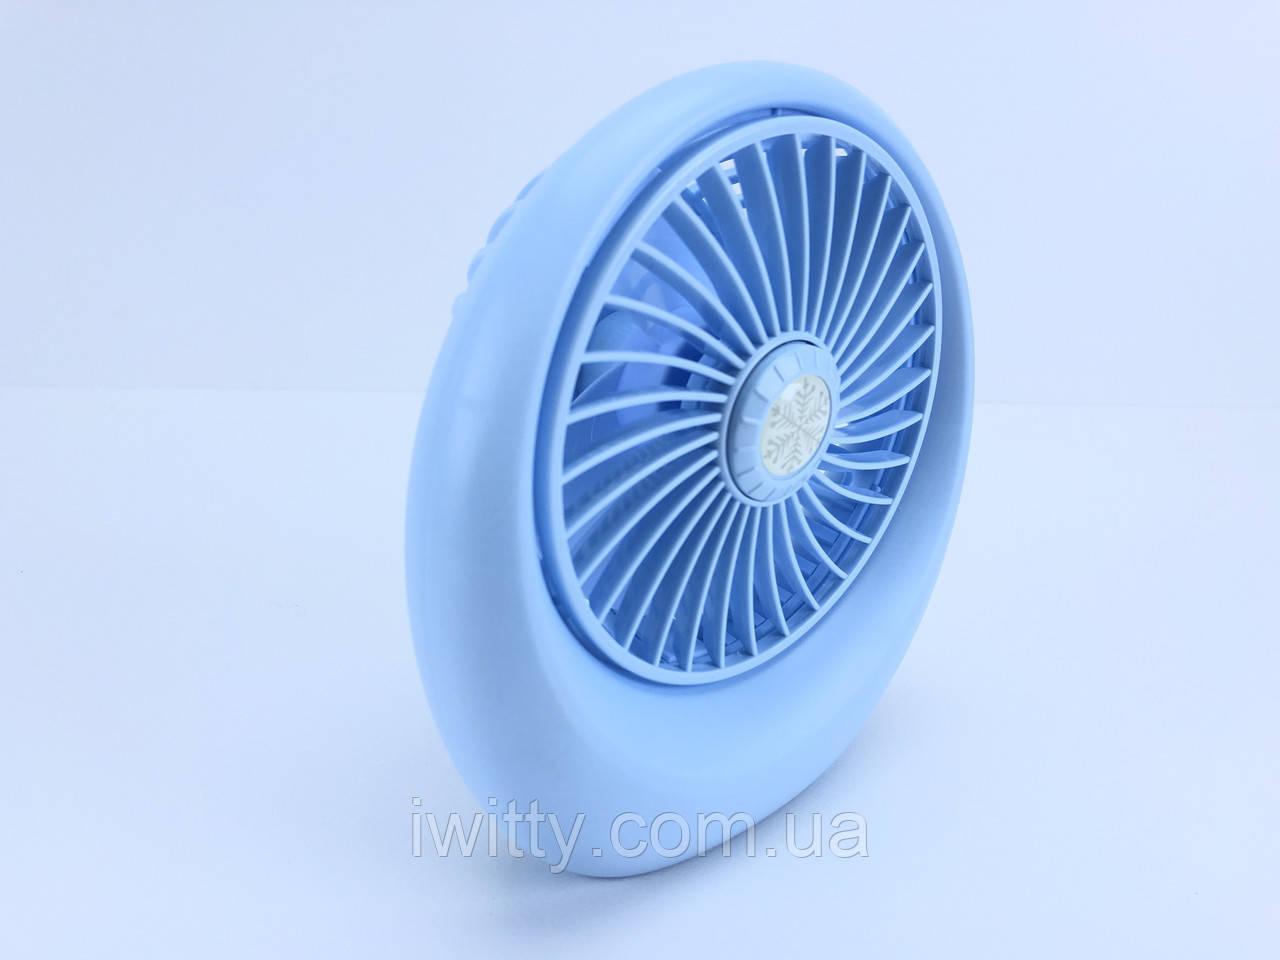 Портативный вентилятор Mini Fan SQ1978 на аккумуляторной батарее 1000 mAh